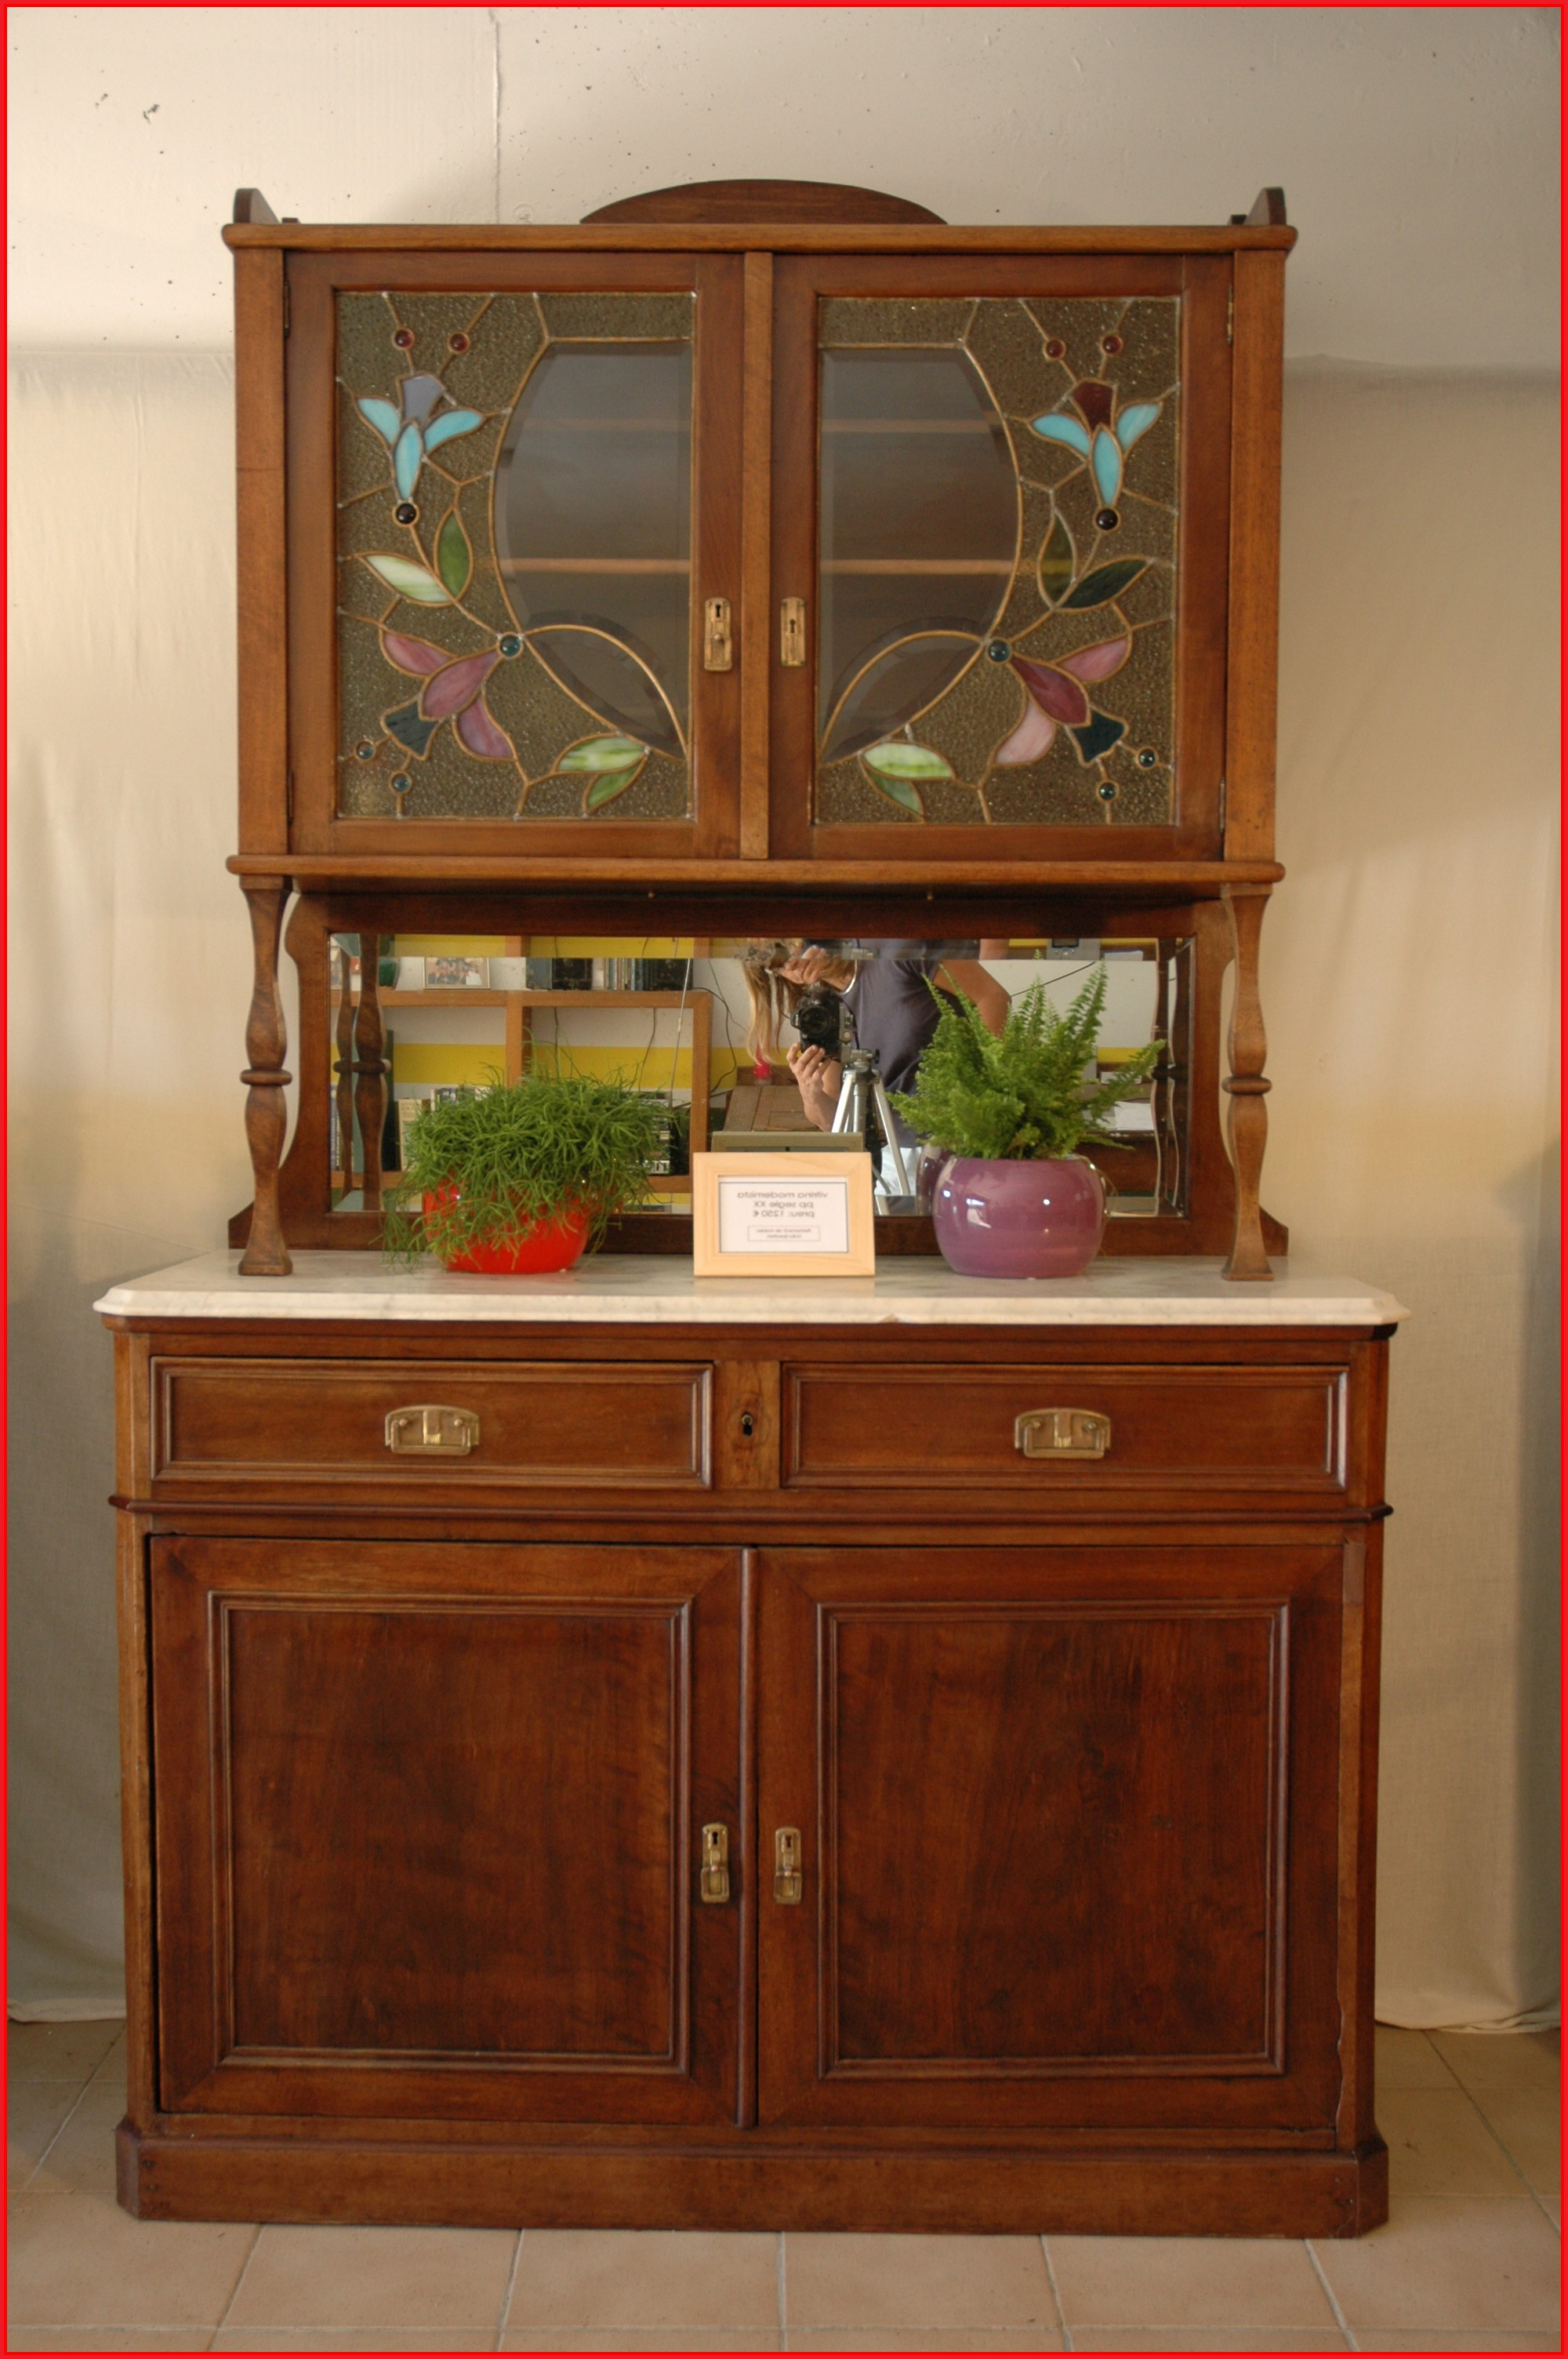 Venta De Muebles Antiguos Para Restaurar S5d8 Muebles Antiguos Para Restaurar and Vendo Muebles Antiguos Venta